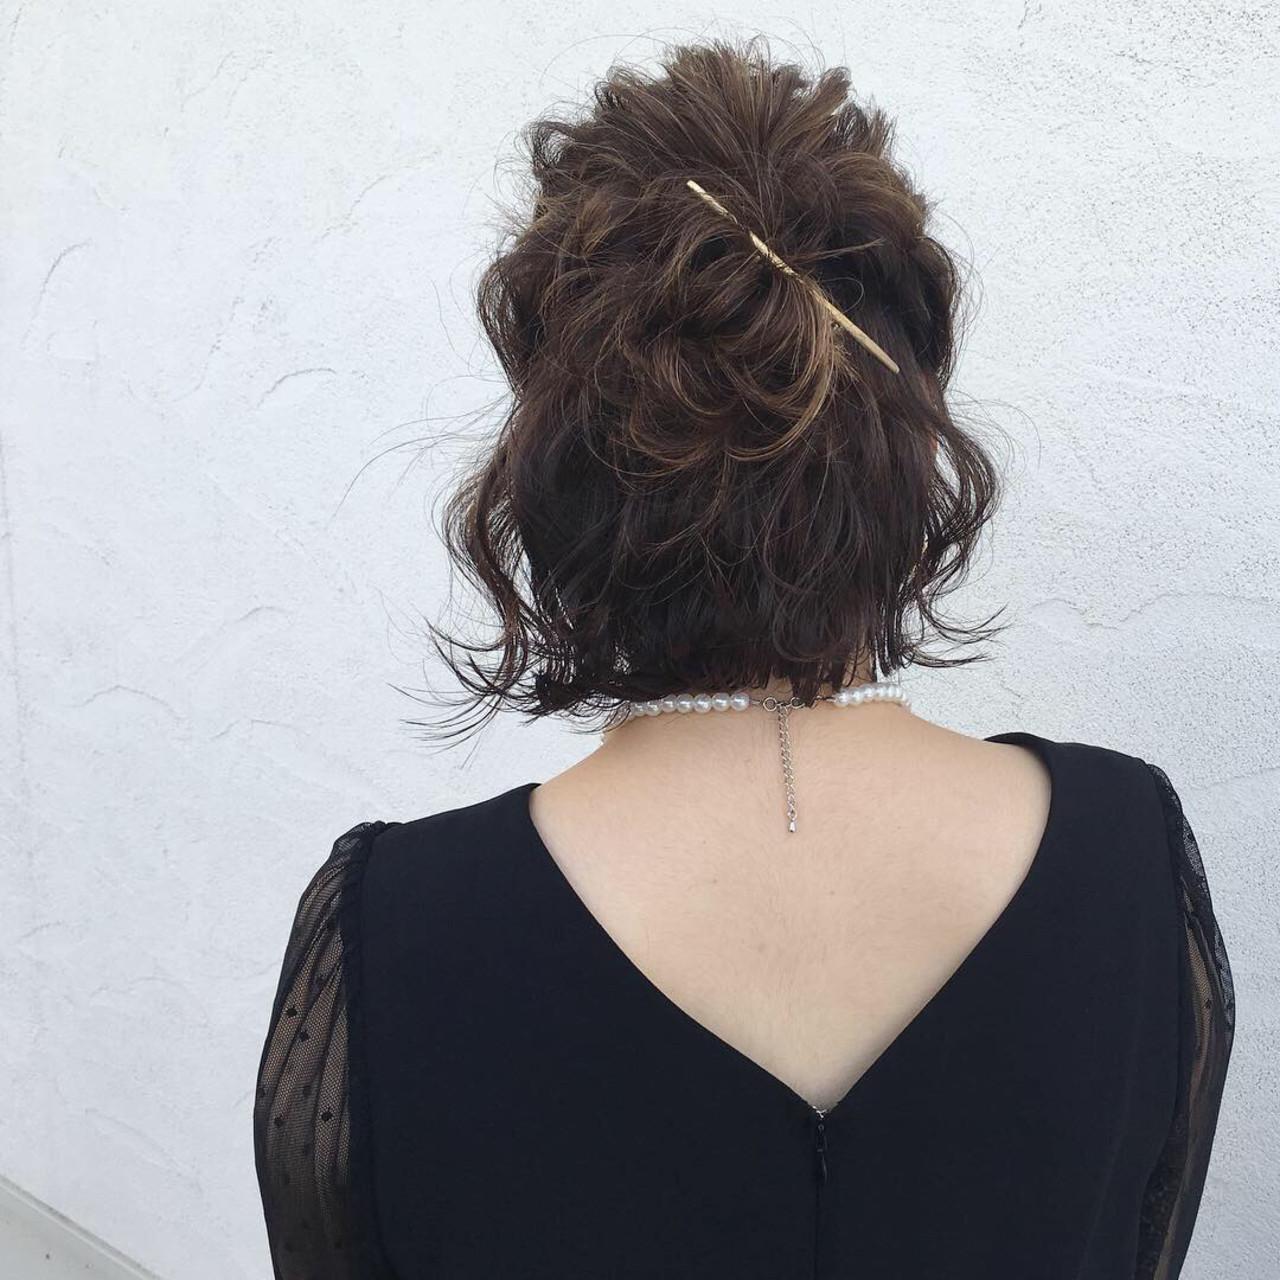 デート ボブ 簡単ヘアアレンジ 結婚式ヘアスタイルや髪型の写真・画像